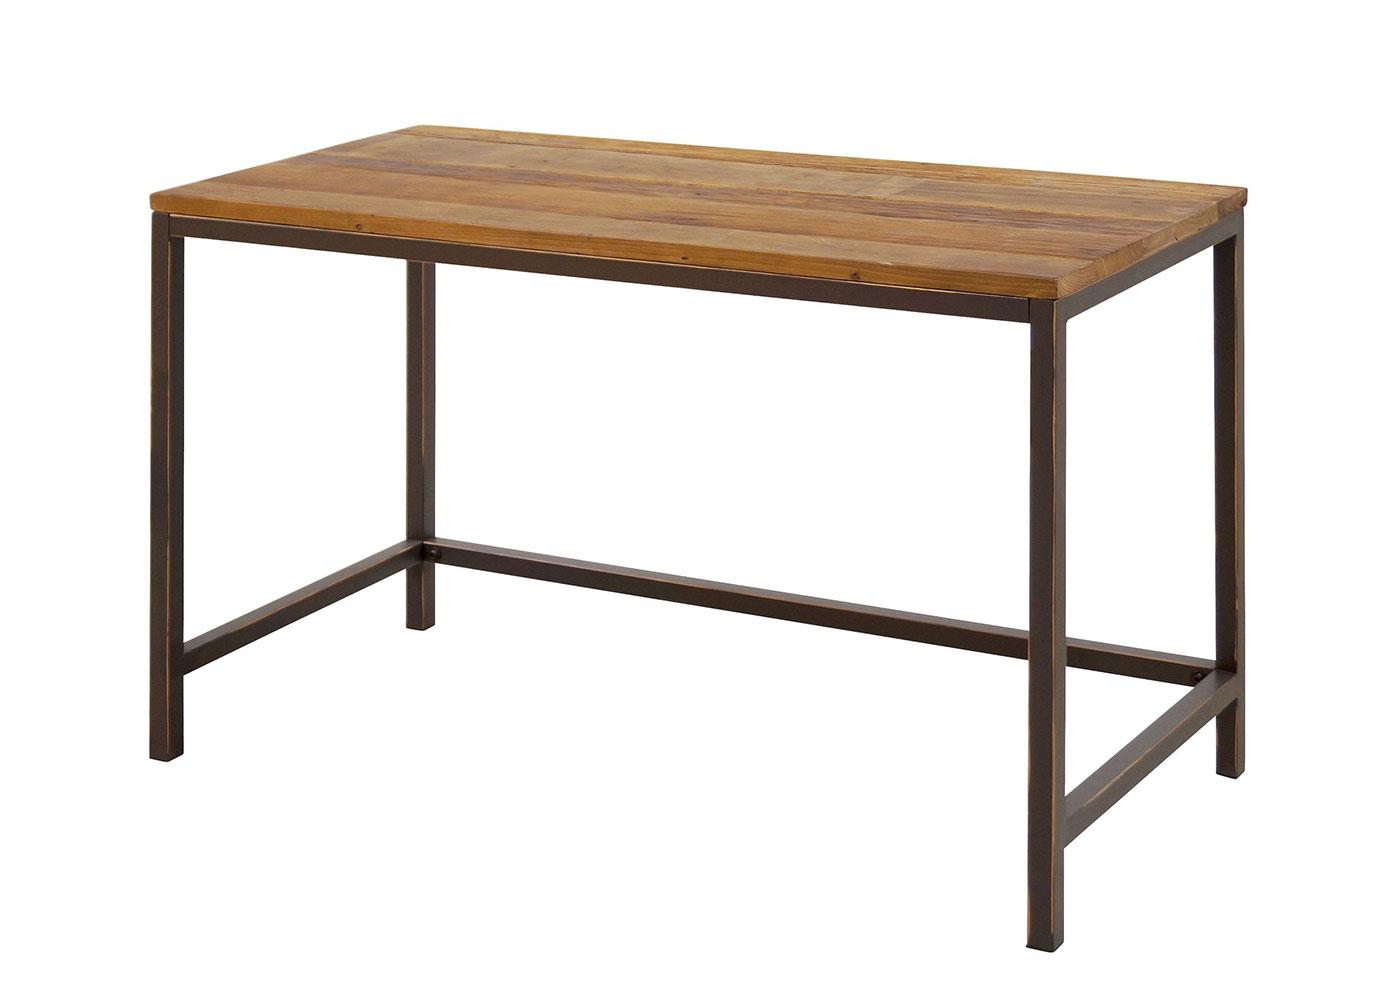 Pracovní stůl s dřevěnou deskou Harvest, 120 cm